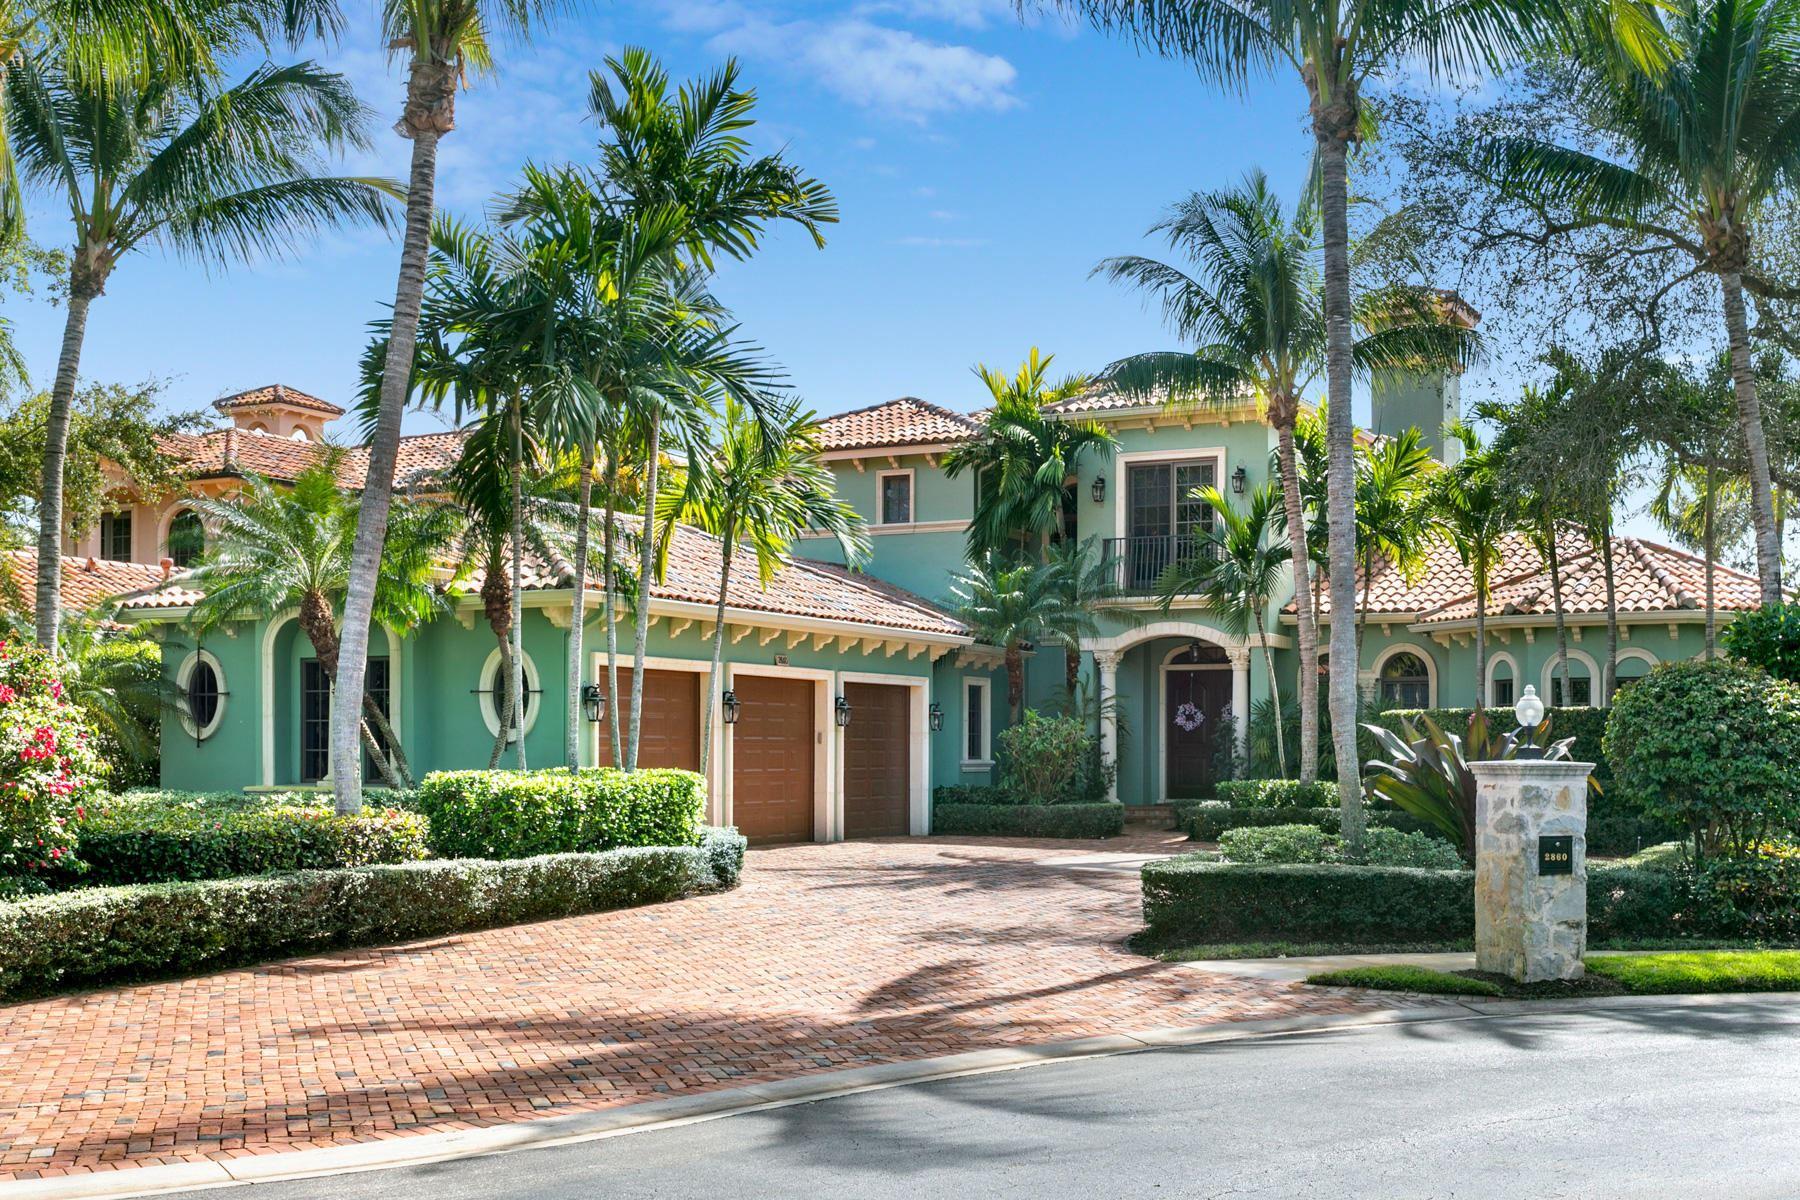 2860 Old Cypress N, Palm Beach Gardens, FL 33410 - #: RX-10600423